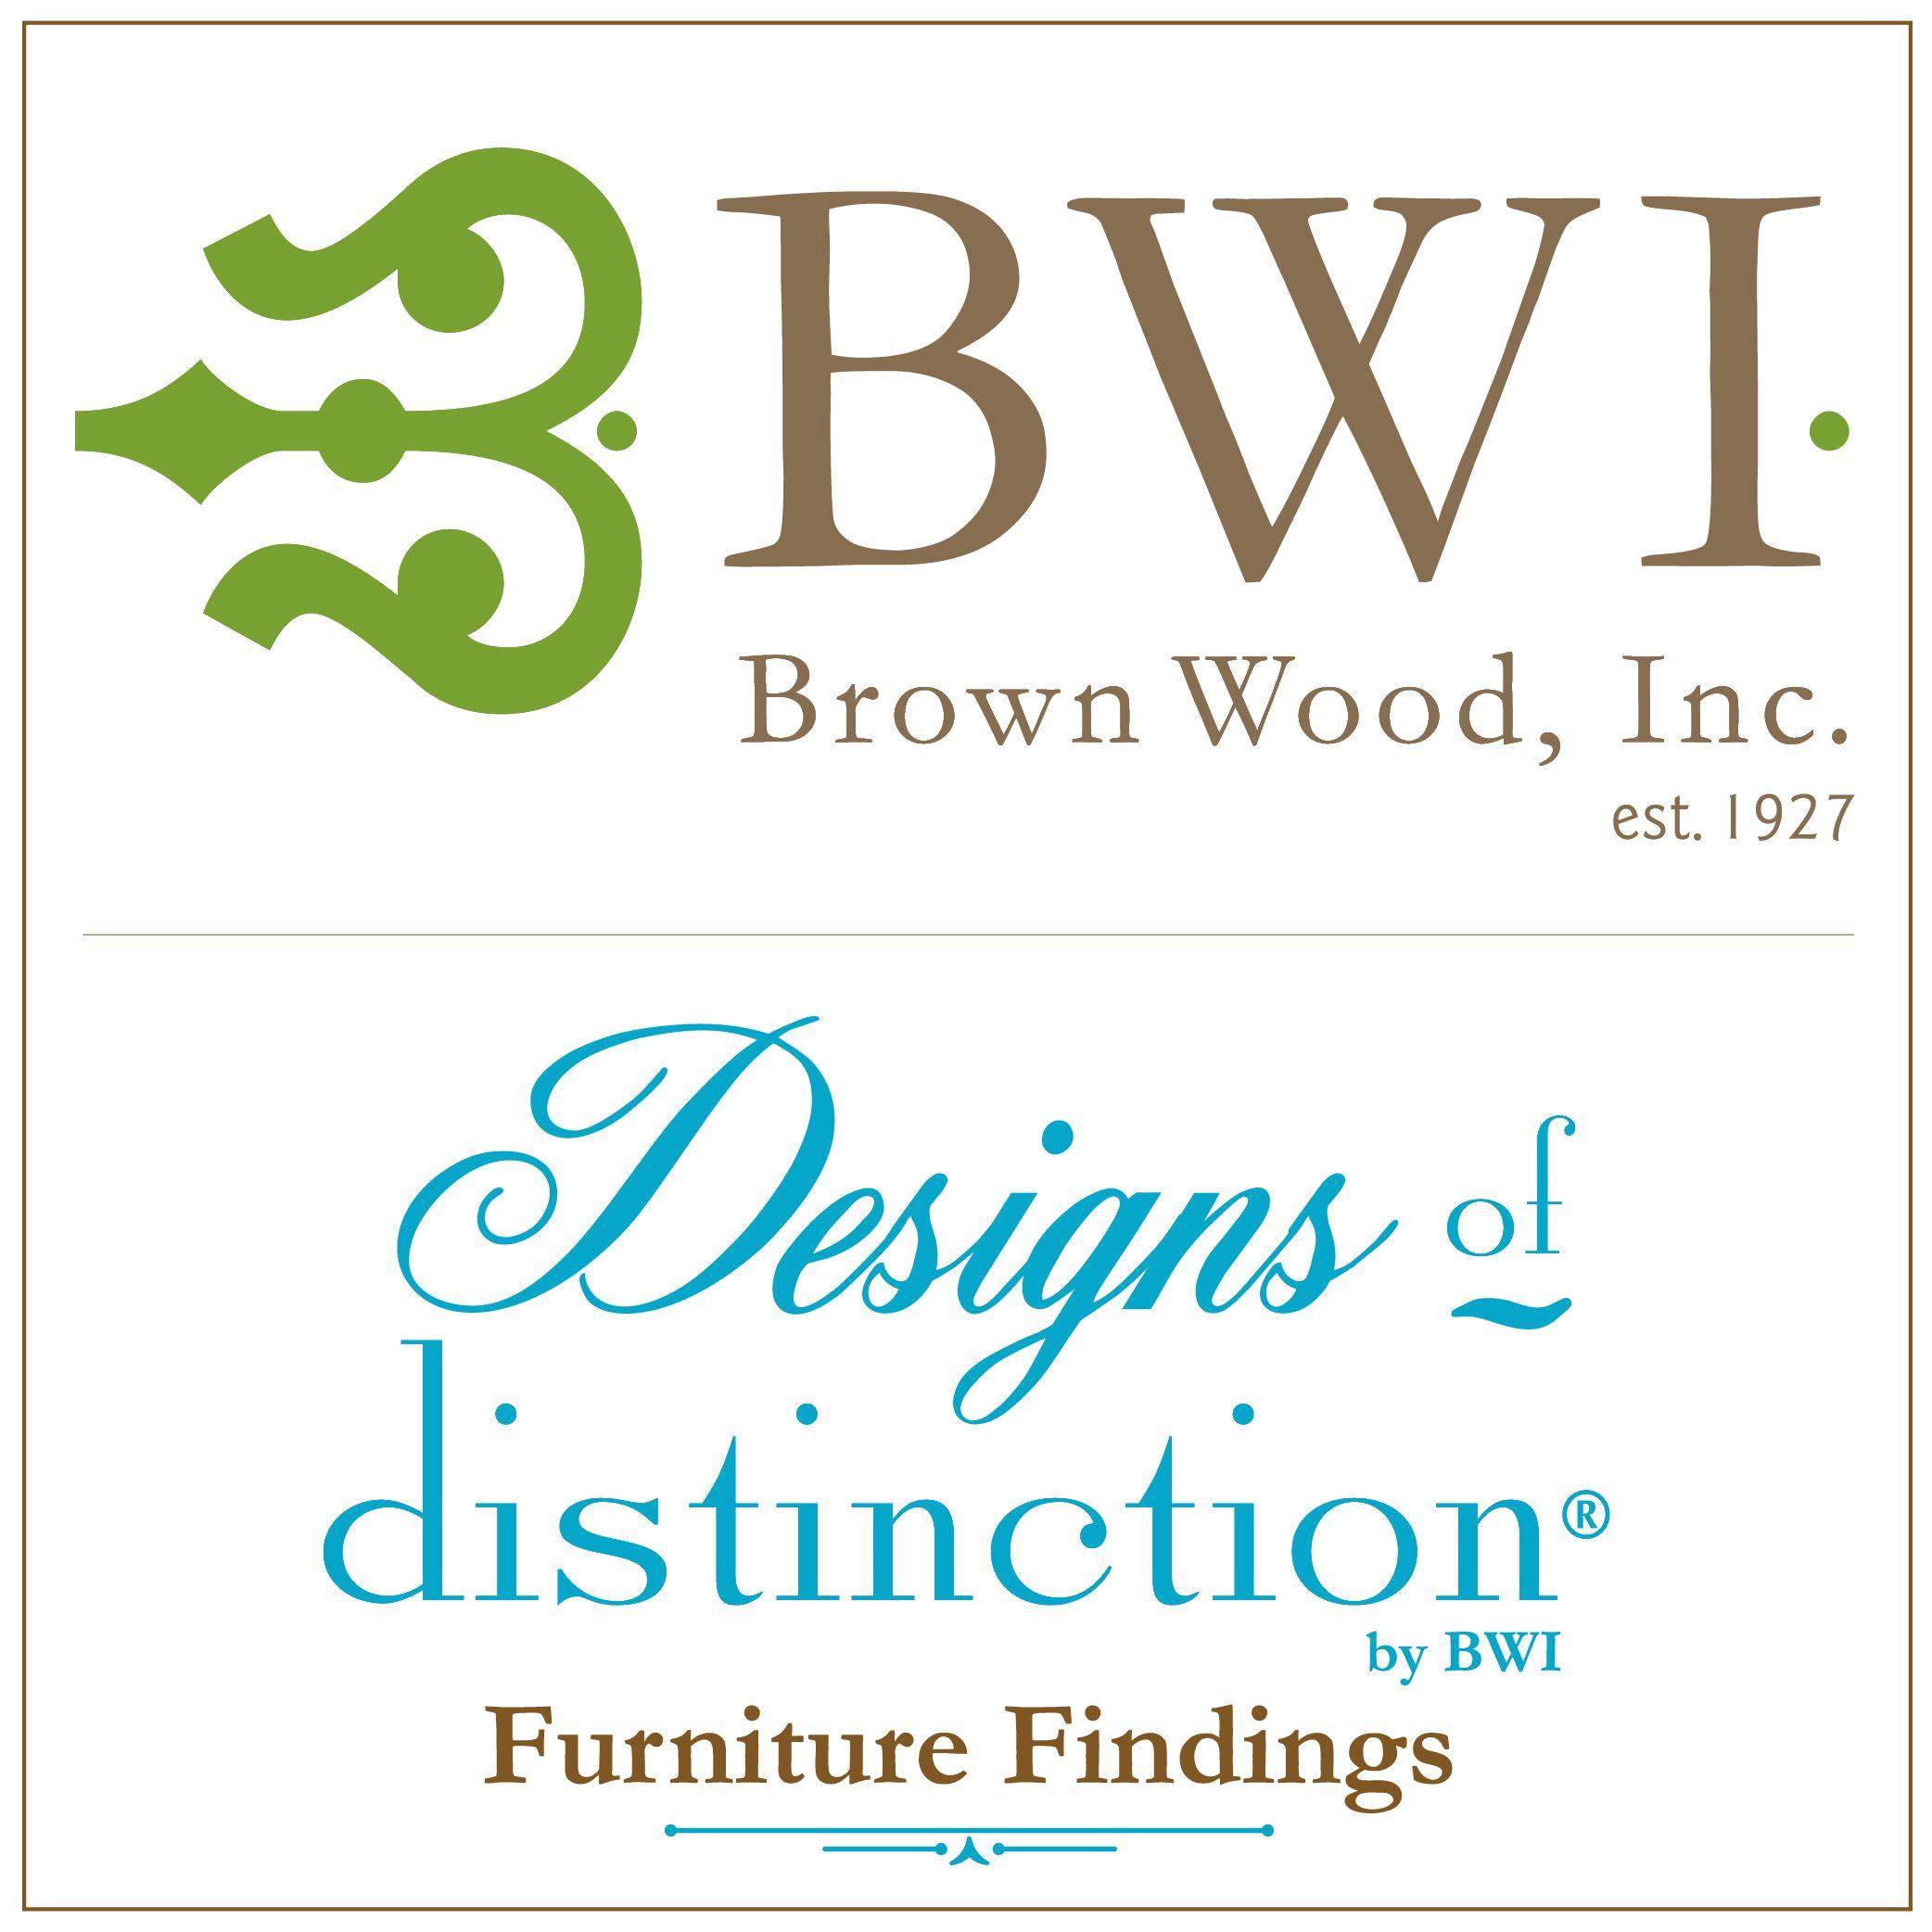 Brown Wood Inc.